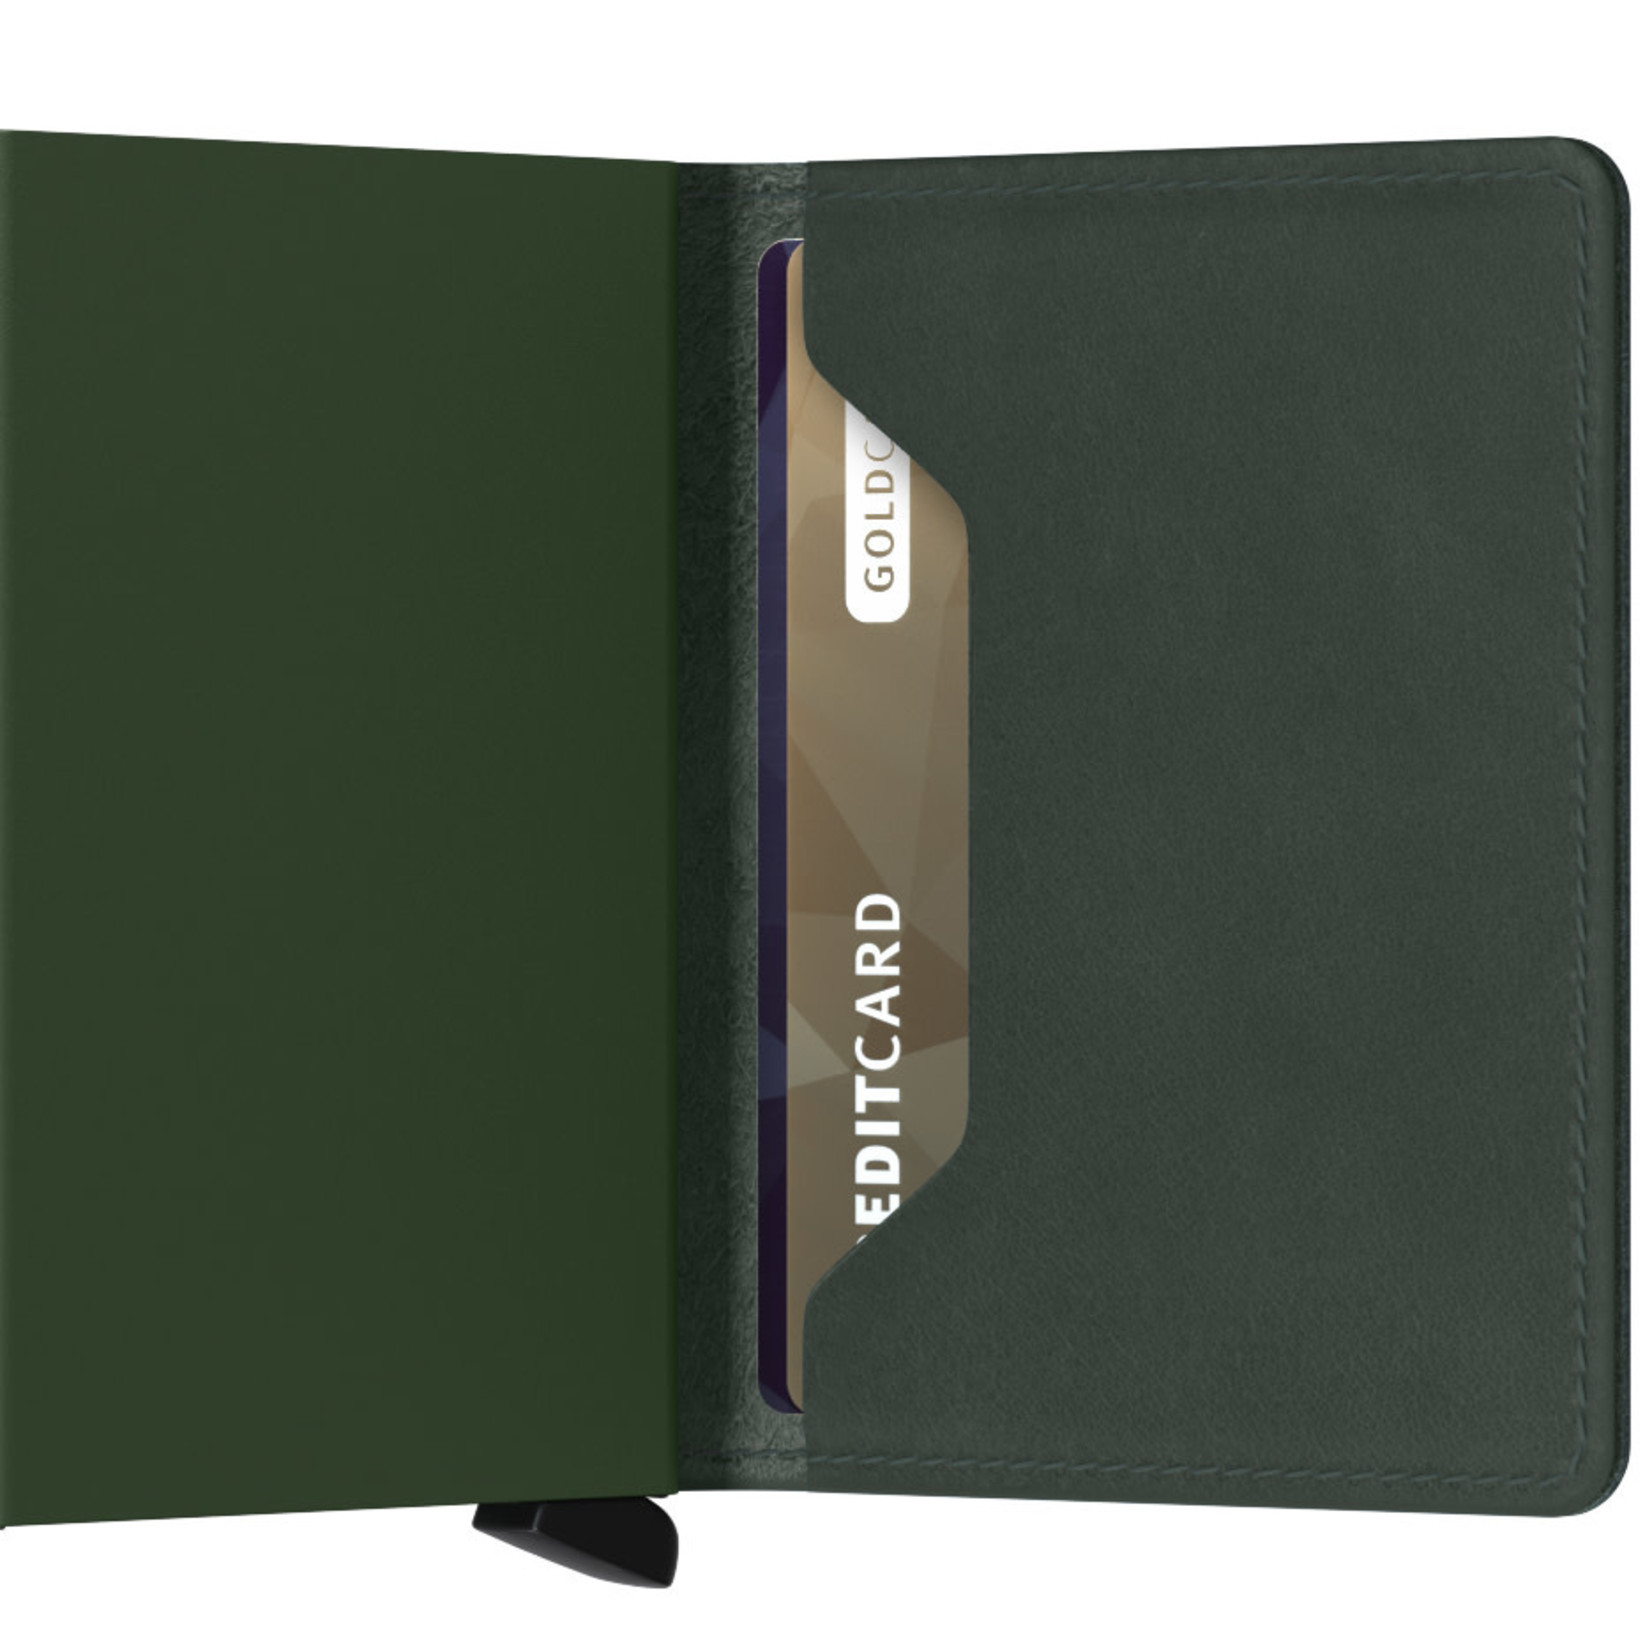 SECRID Secrid Slimwallet Original Green